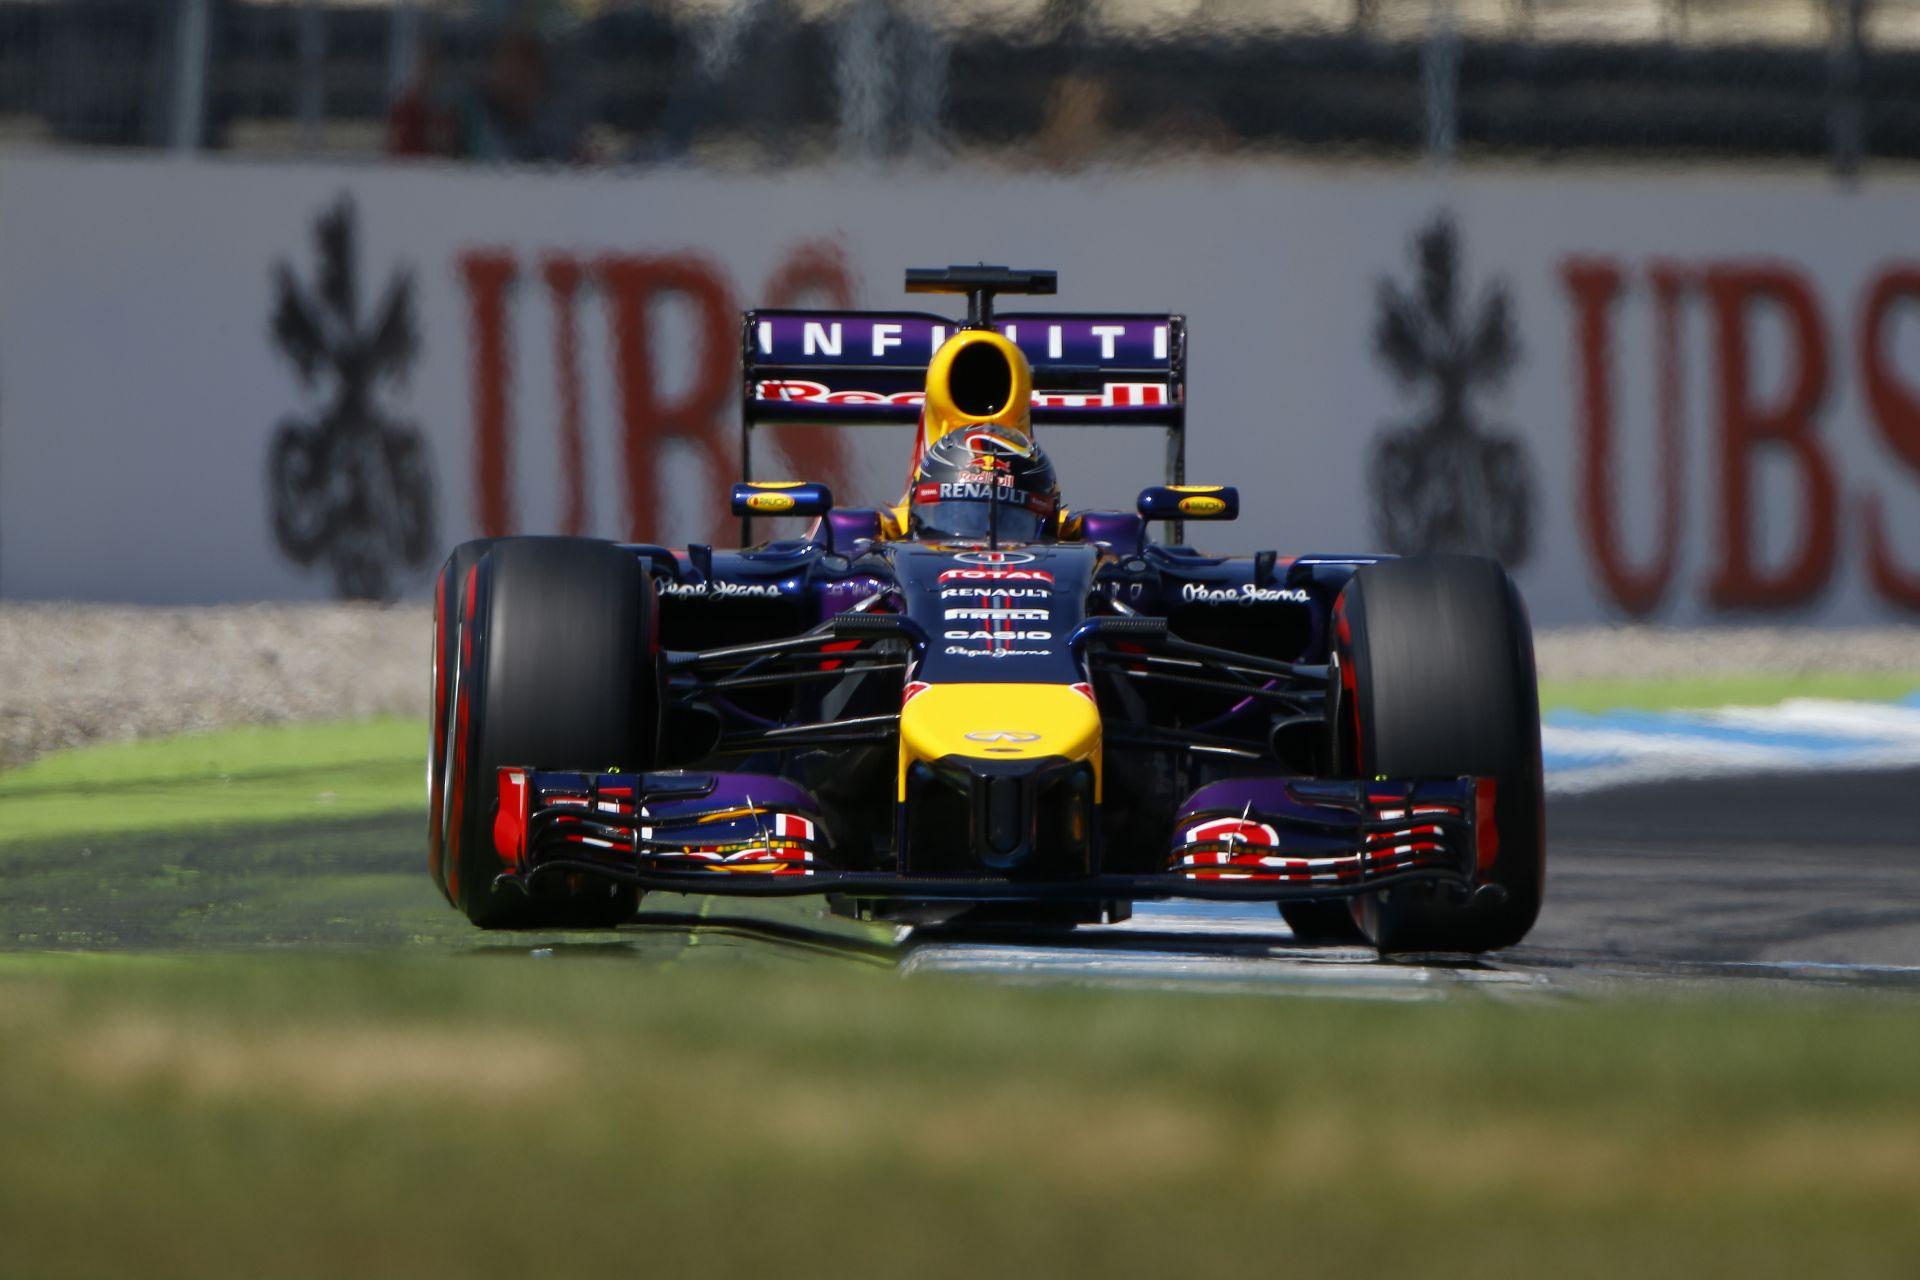 Vettel: Ma nem voltak problémáim, rögtön ott is voltam a harmadik helyen